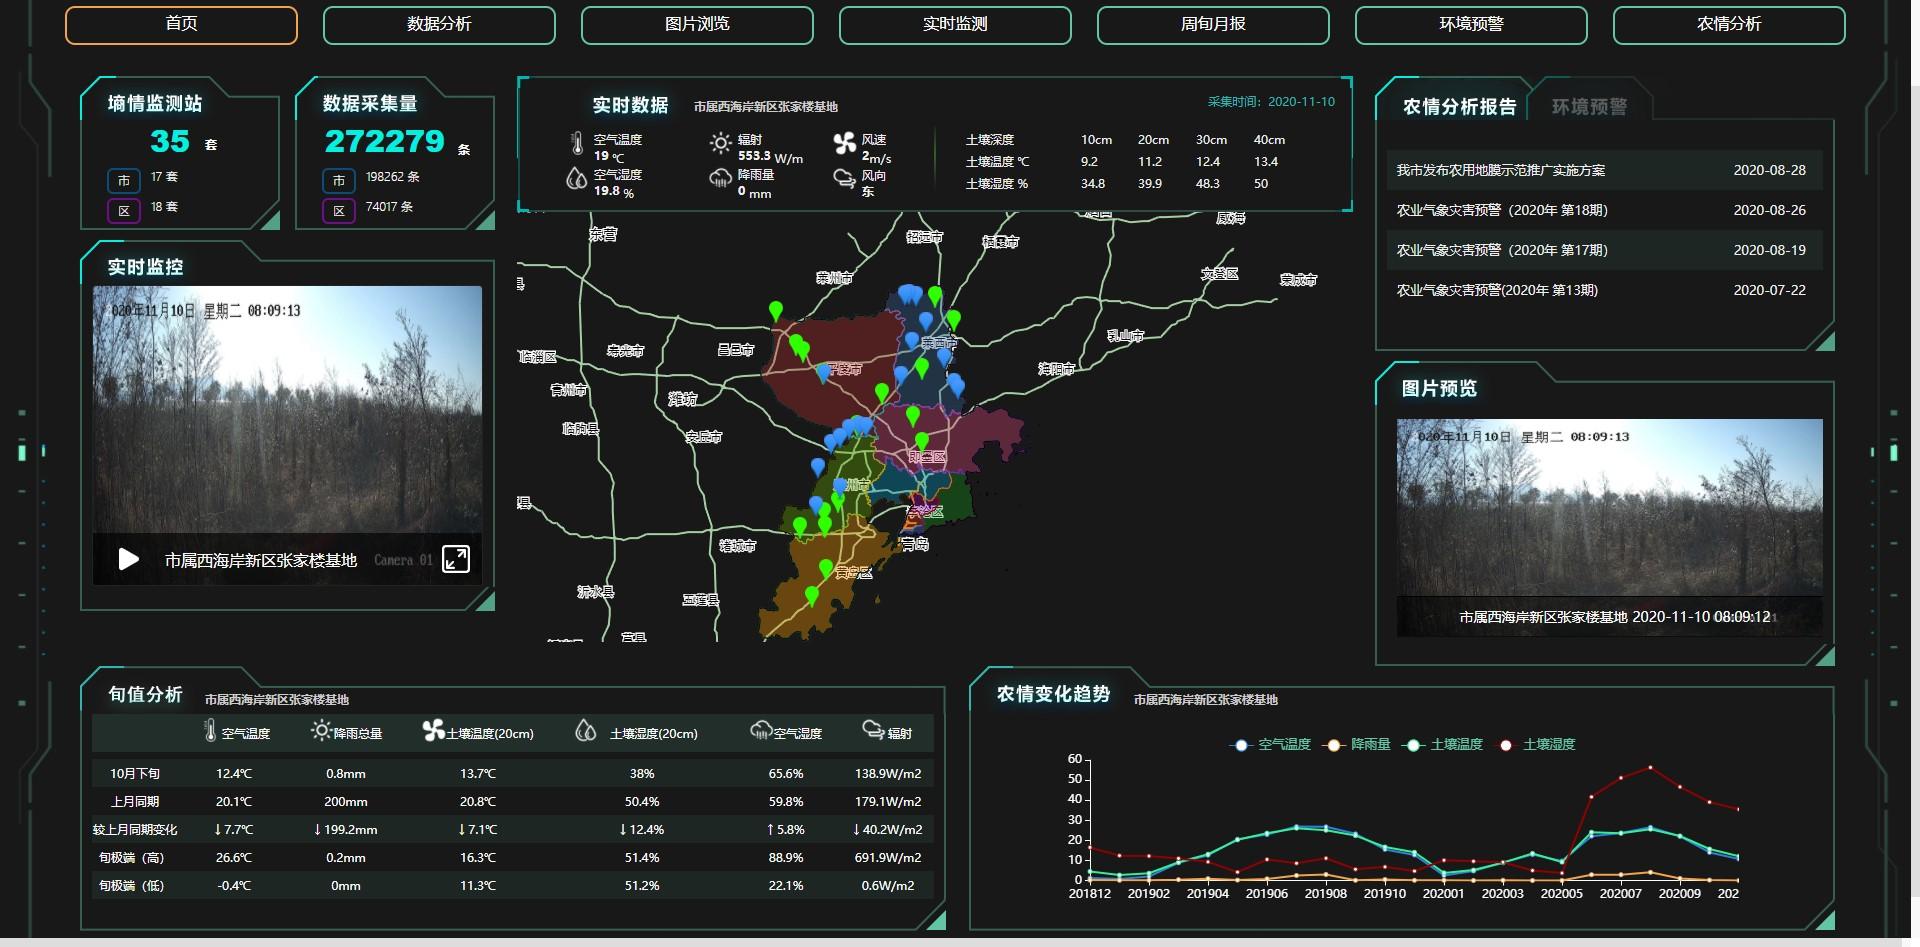 农业物联网综合管理分析平台